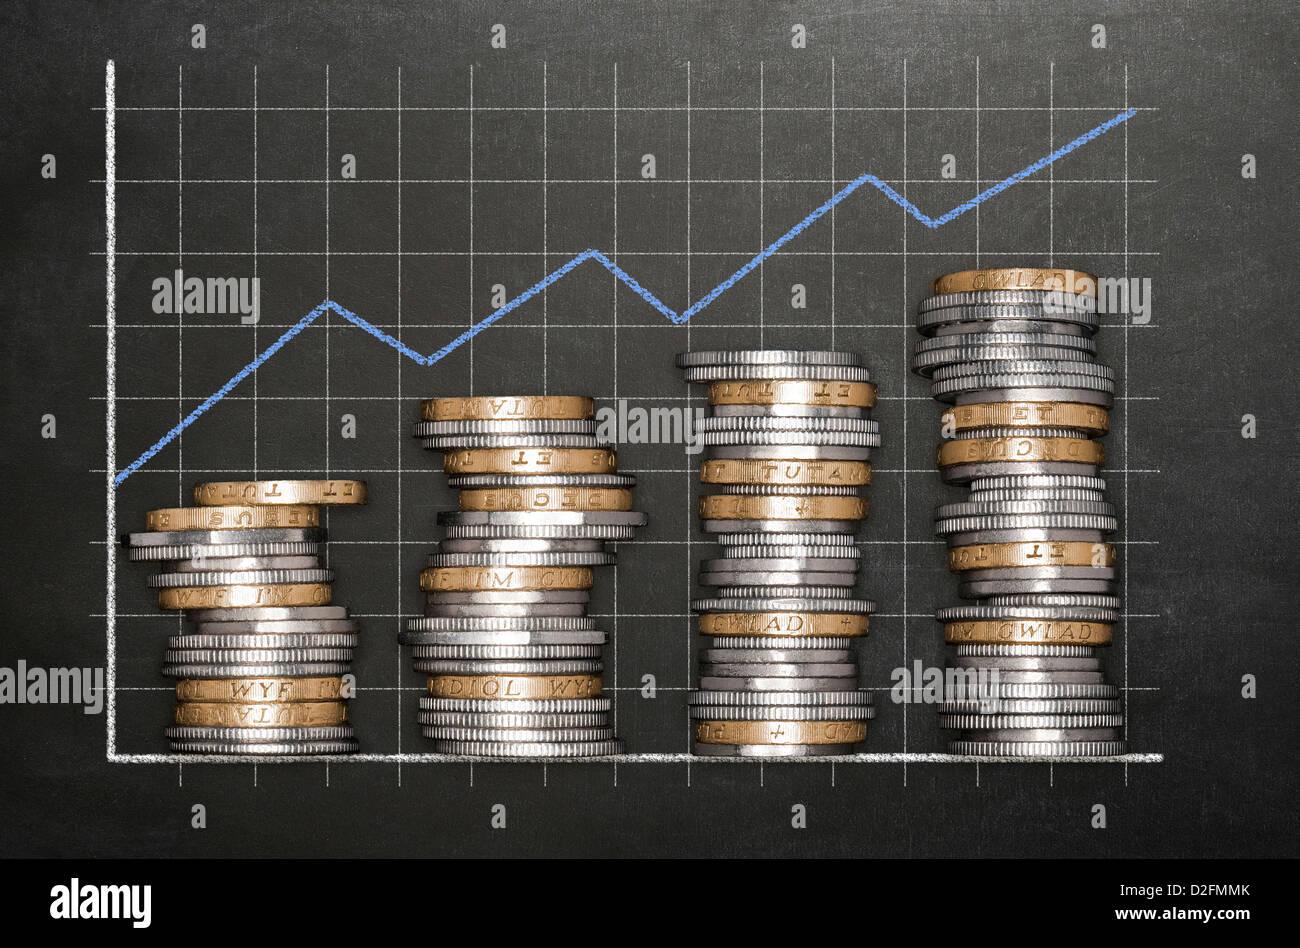 Konzept Finanzen Wachstum - Stapel von Sterling Münzen auf einer Tafel Hintergrund bilden eine aufsteigende Stockbild